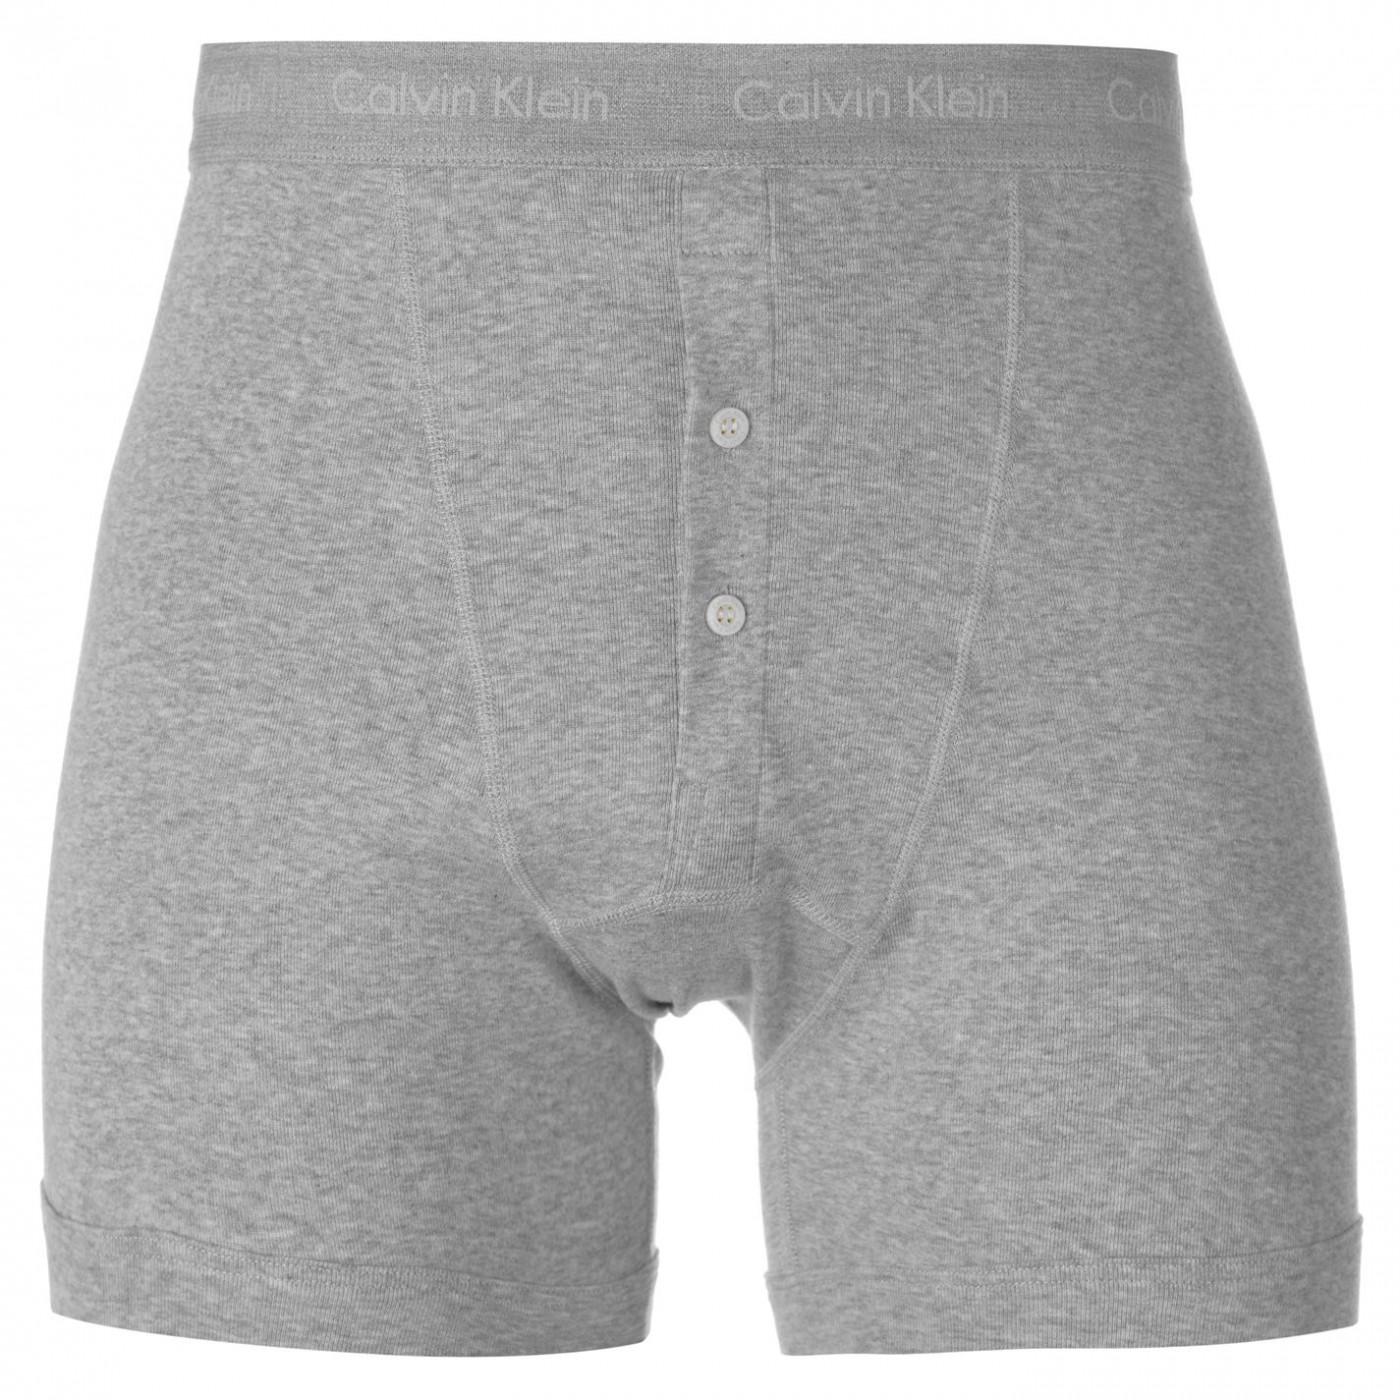 91bfaa7216 Calvin Klein Boxer Briefs - FACTCOOL